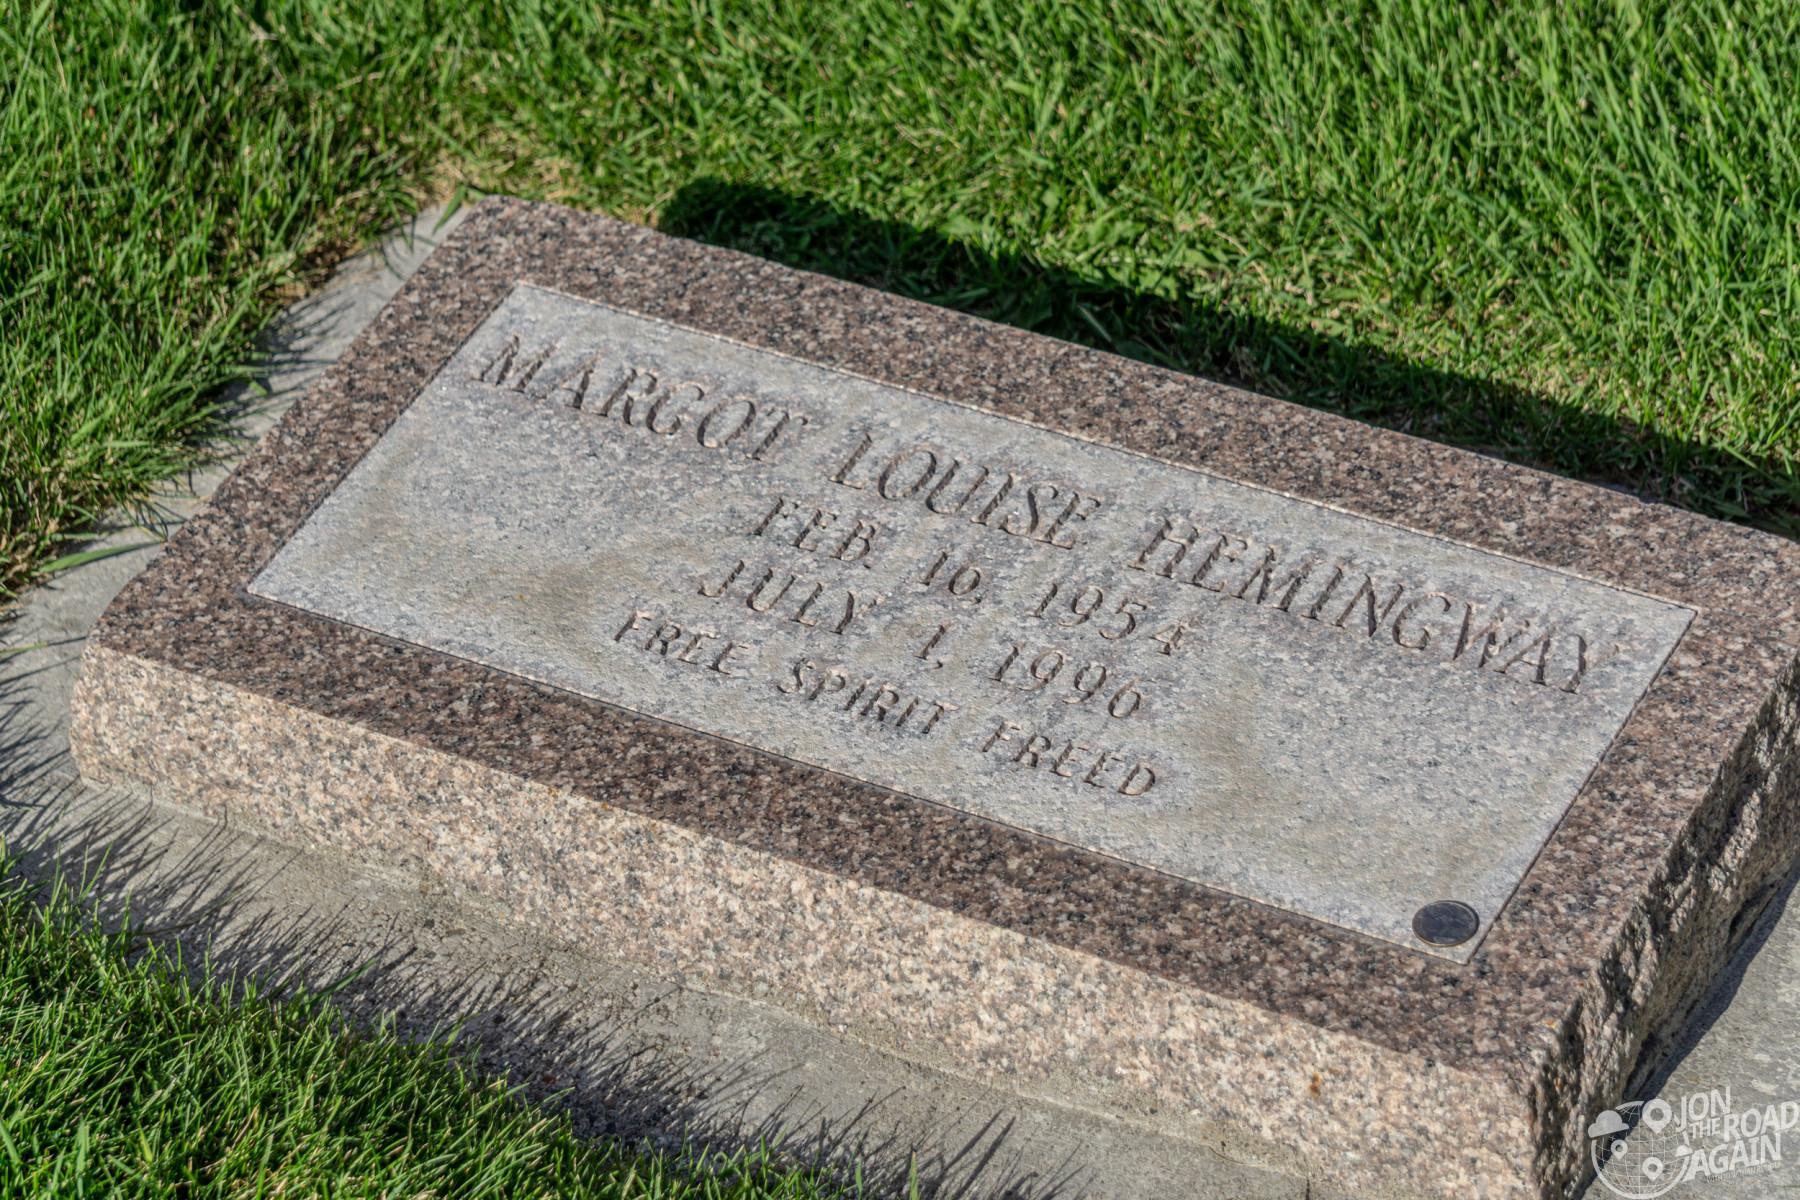 Margot Hemingway gravestone